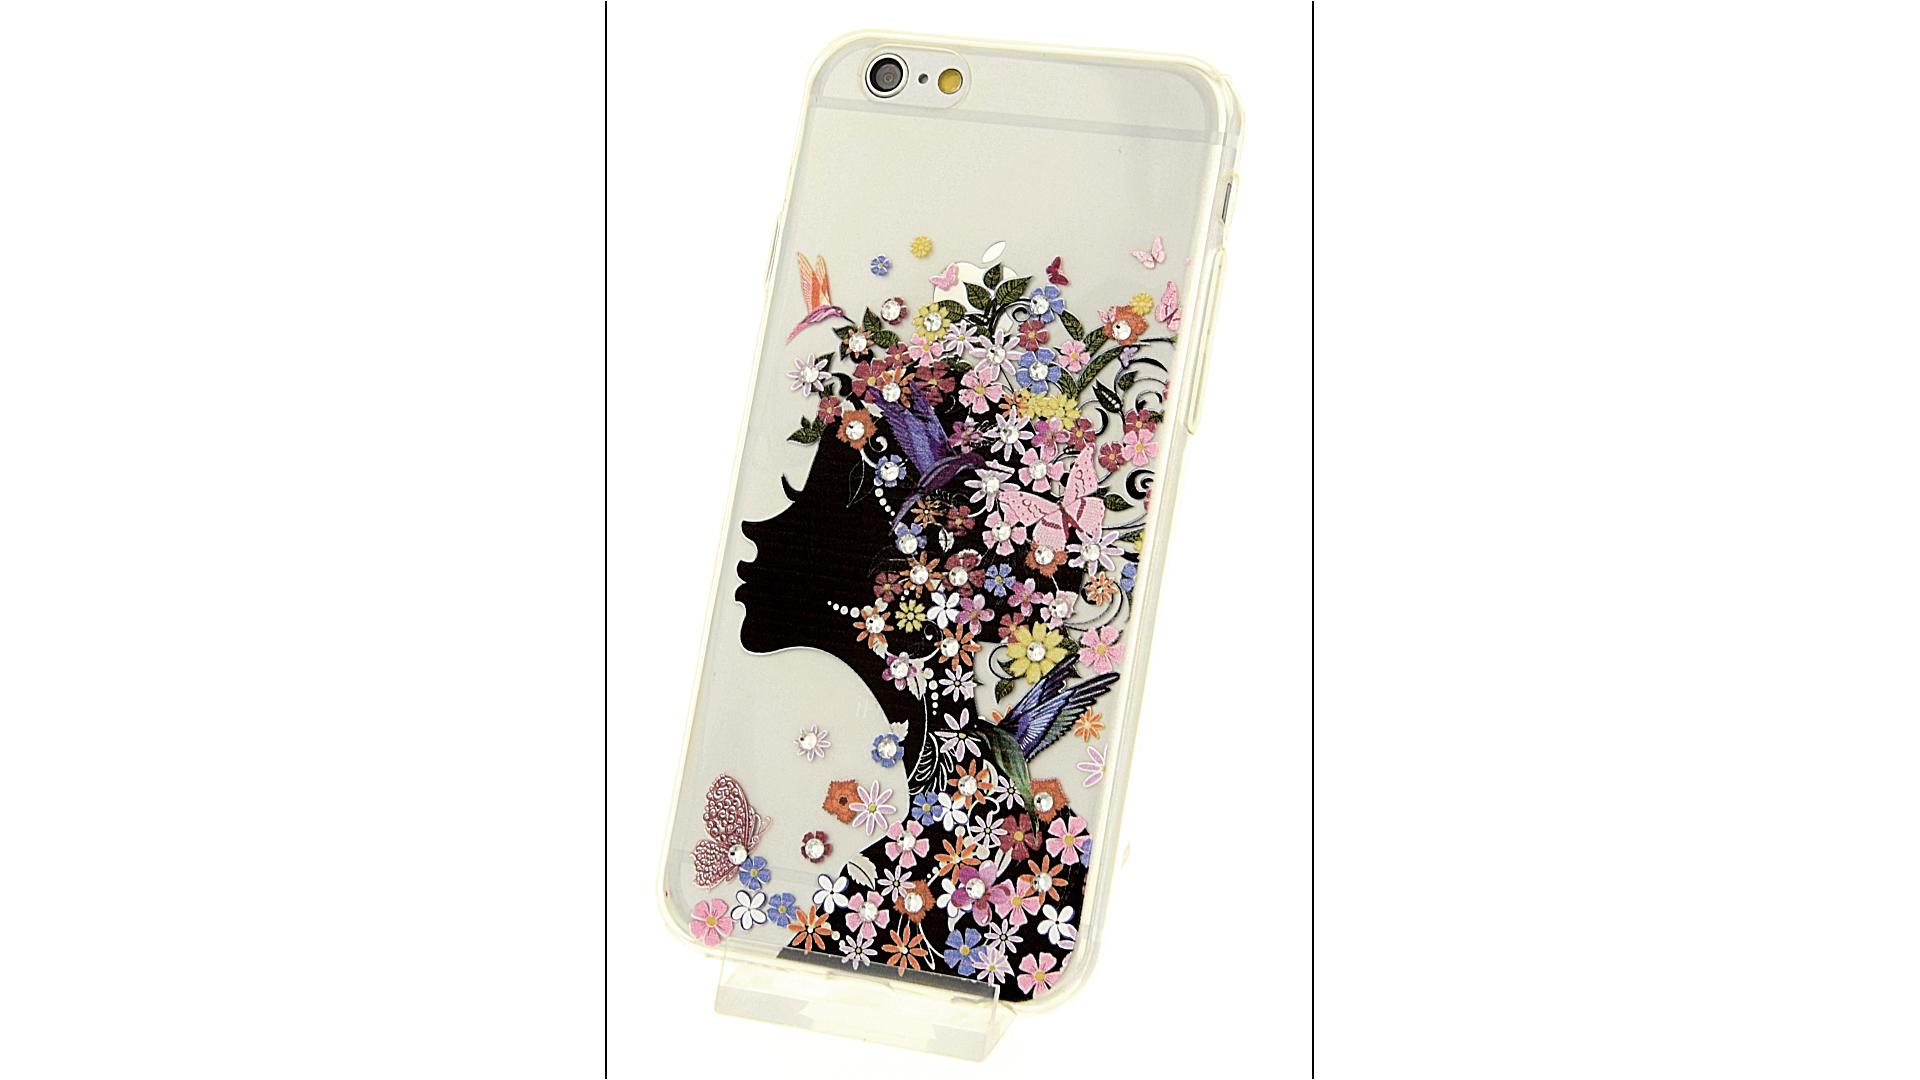 Plastový zadní kryt pro iPhone 6 a iPhone 6S s motivem květinové dámy e91a238c980